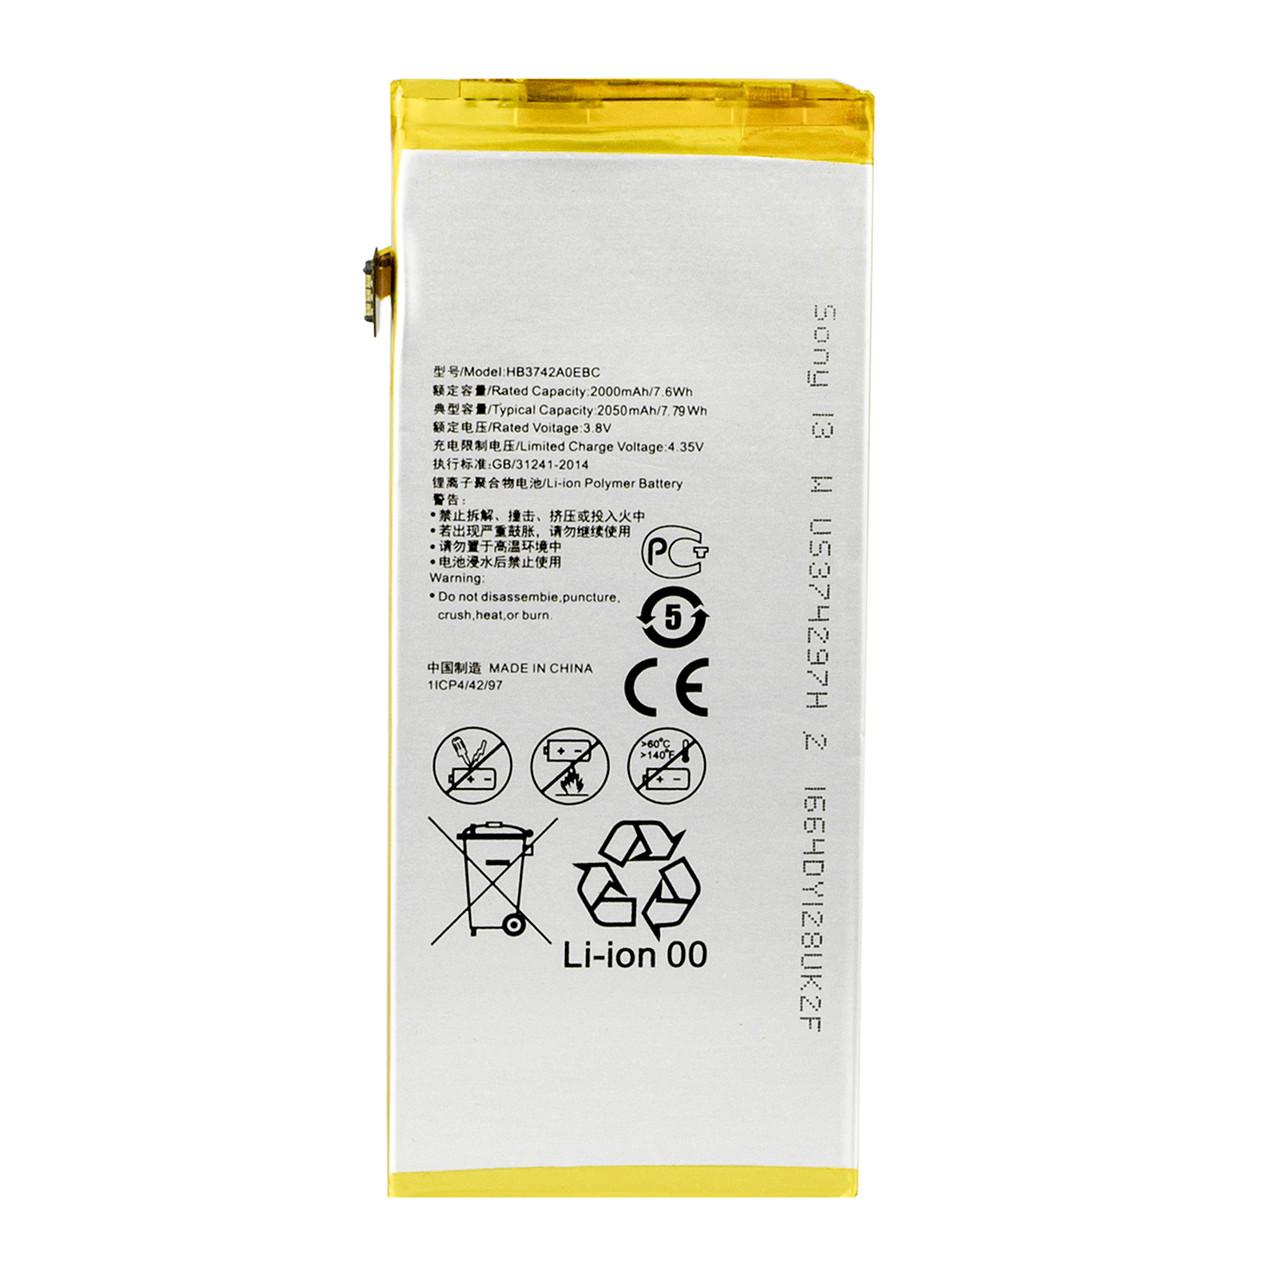 Аккумулятор Huawei HB3742A0EBC Ascend P6 2050 mAh Original + Plastic box